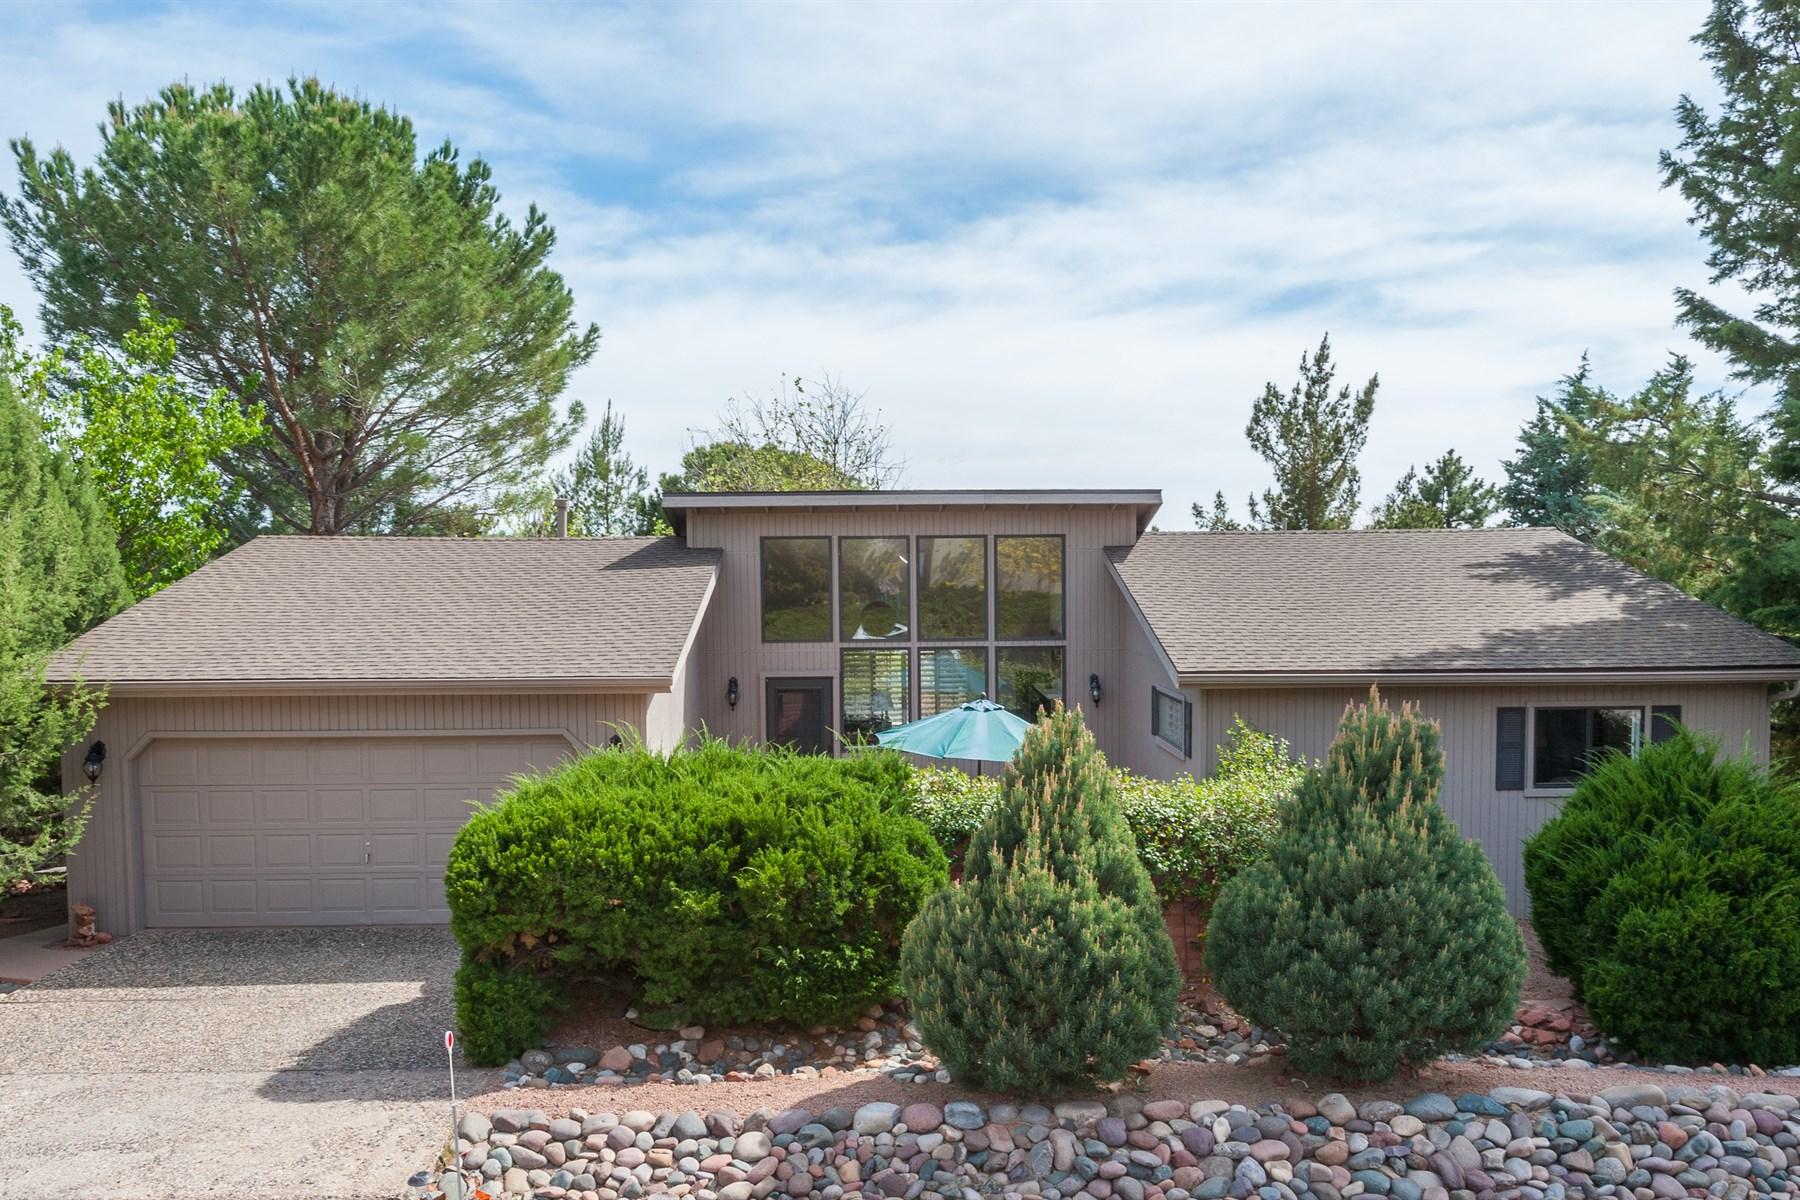 一戸建て のために 売買 アット Delightful and beautifully appointed home with breathtaking red rock views 2255 Corral Rd Sedona, アリゾナ, 86336 アメリカ合衆国